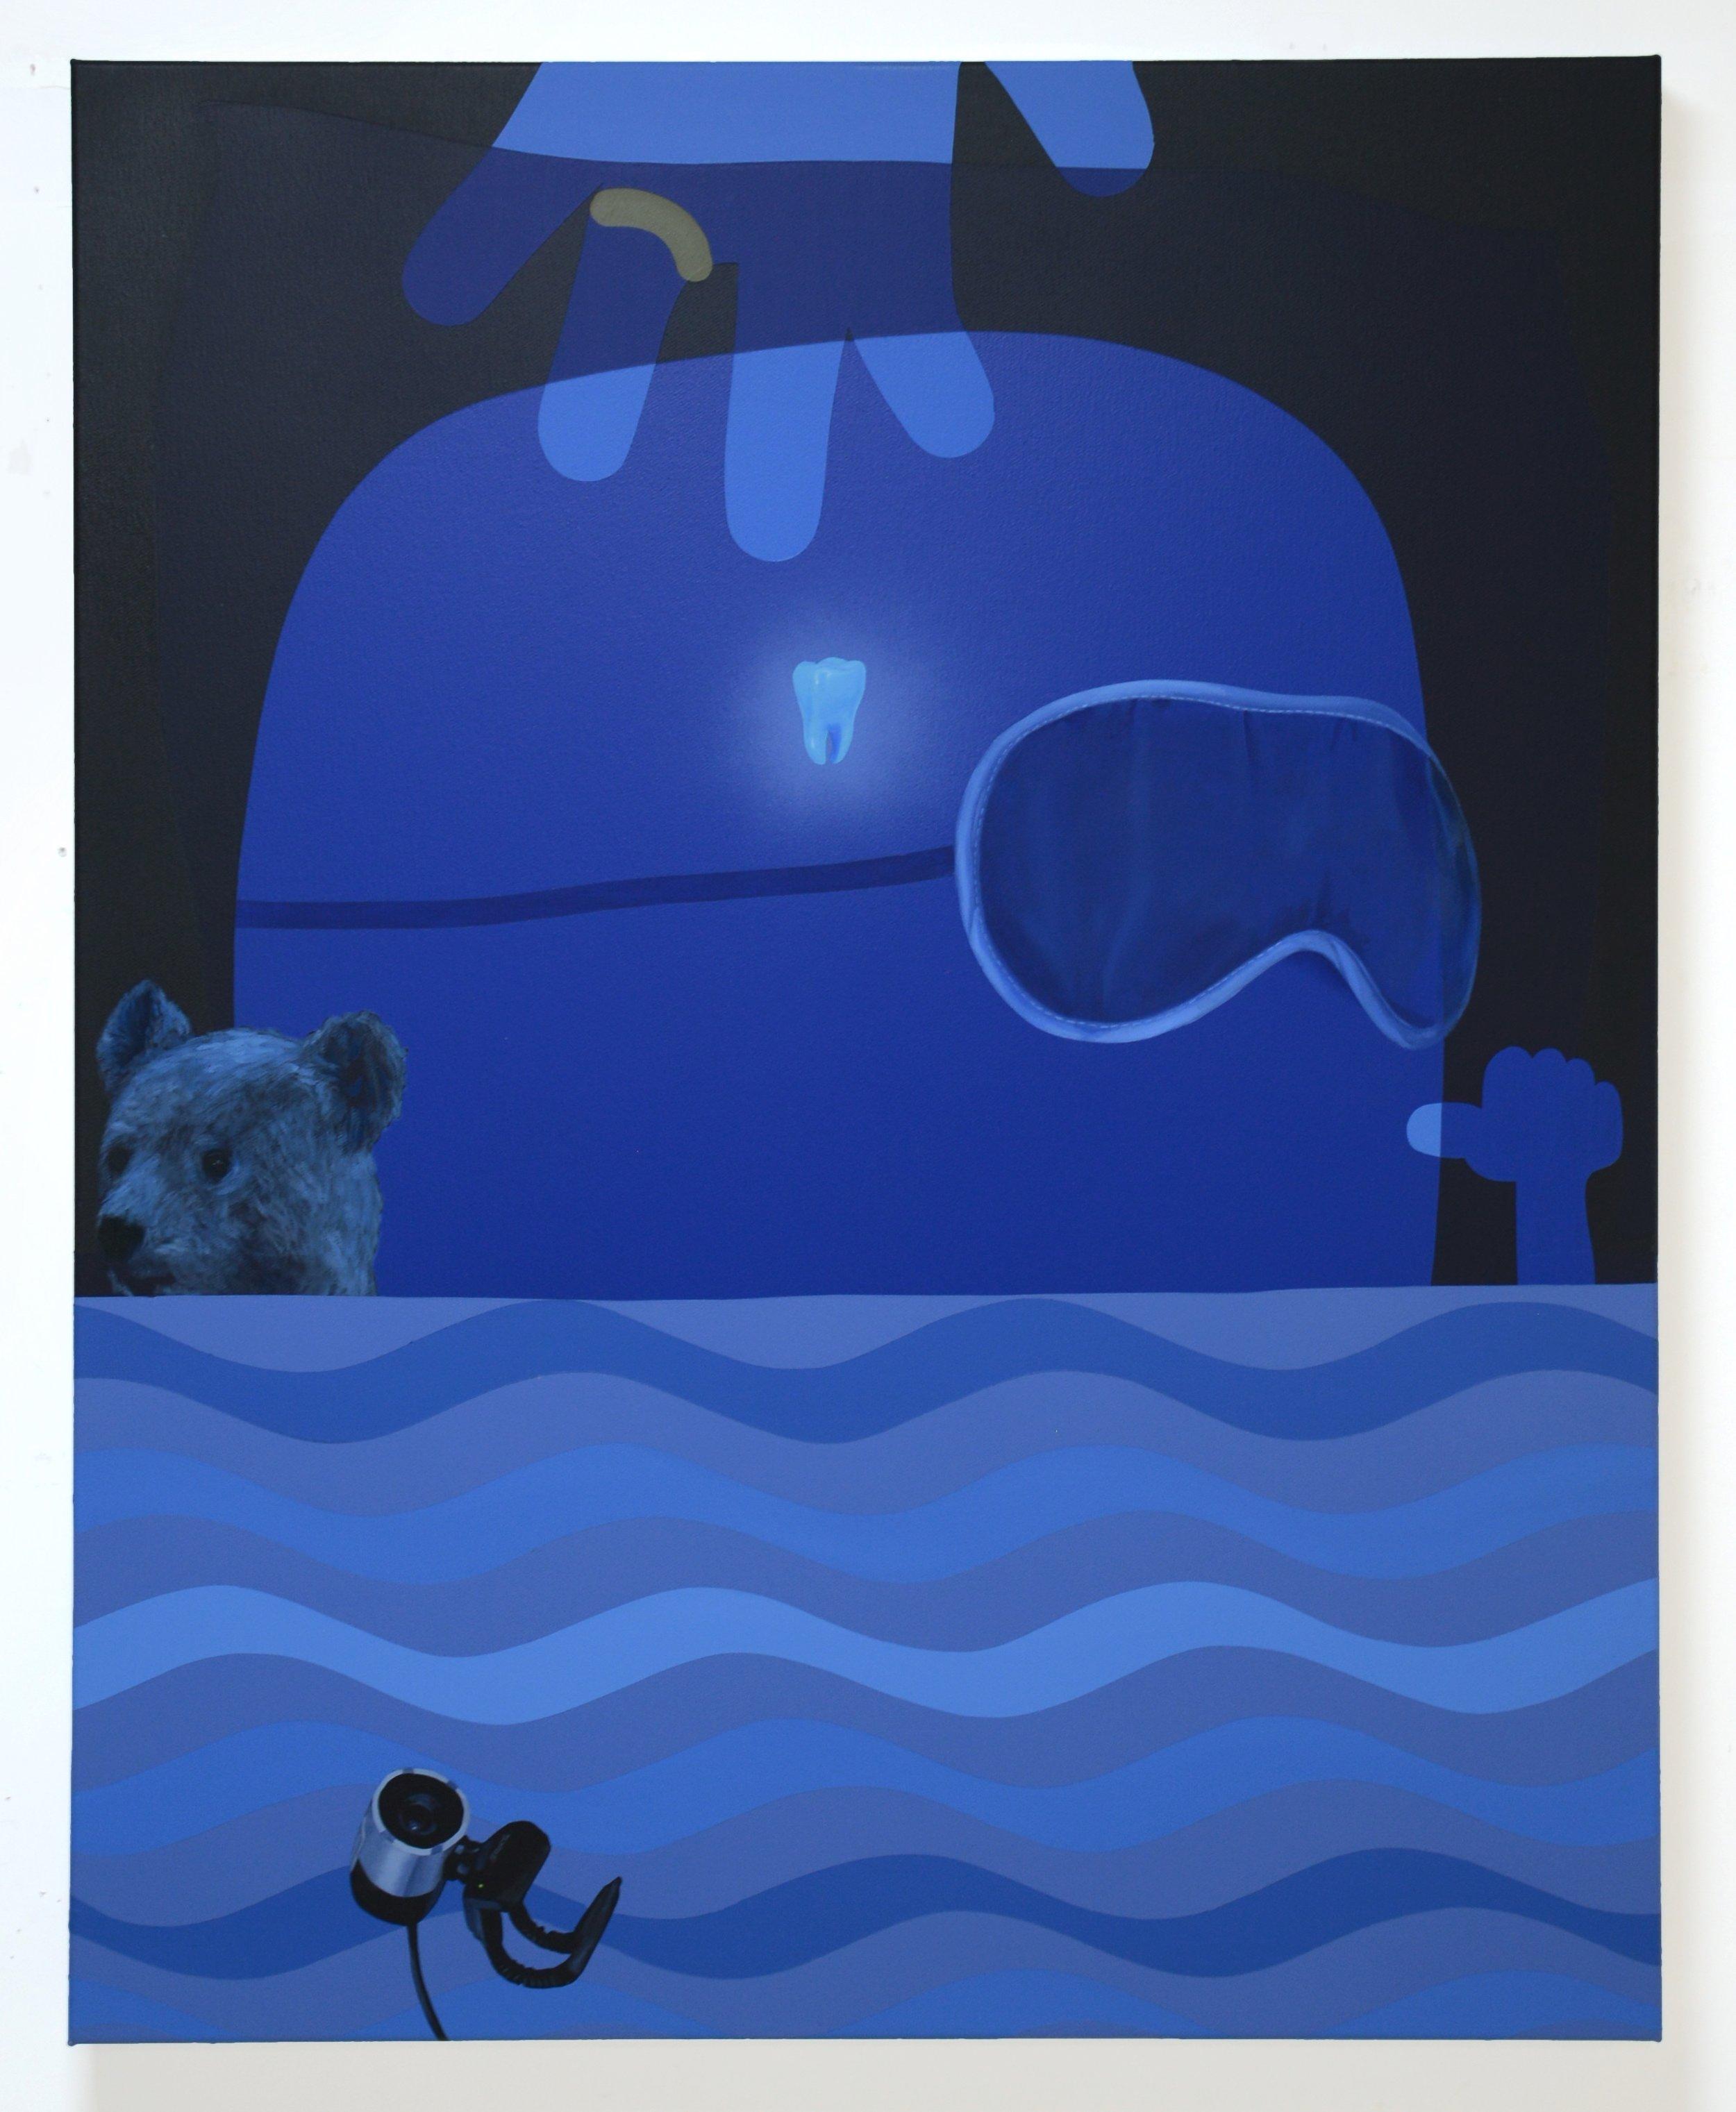 Toothfairy, 2017, oil acrylic and spray paint on canvas, 80cm x 100cm